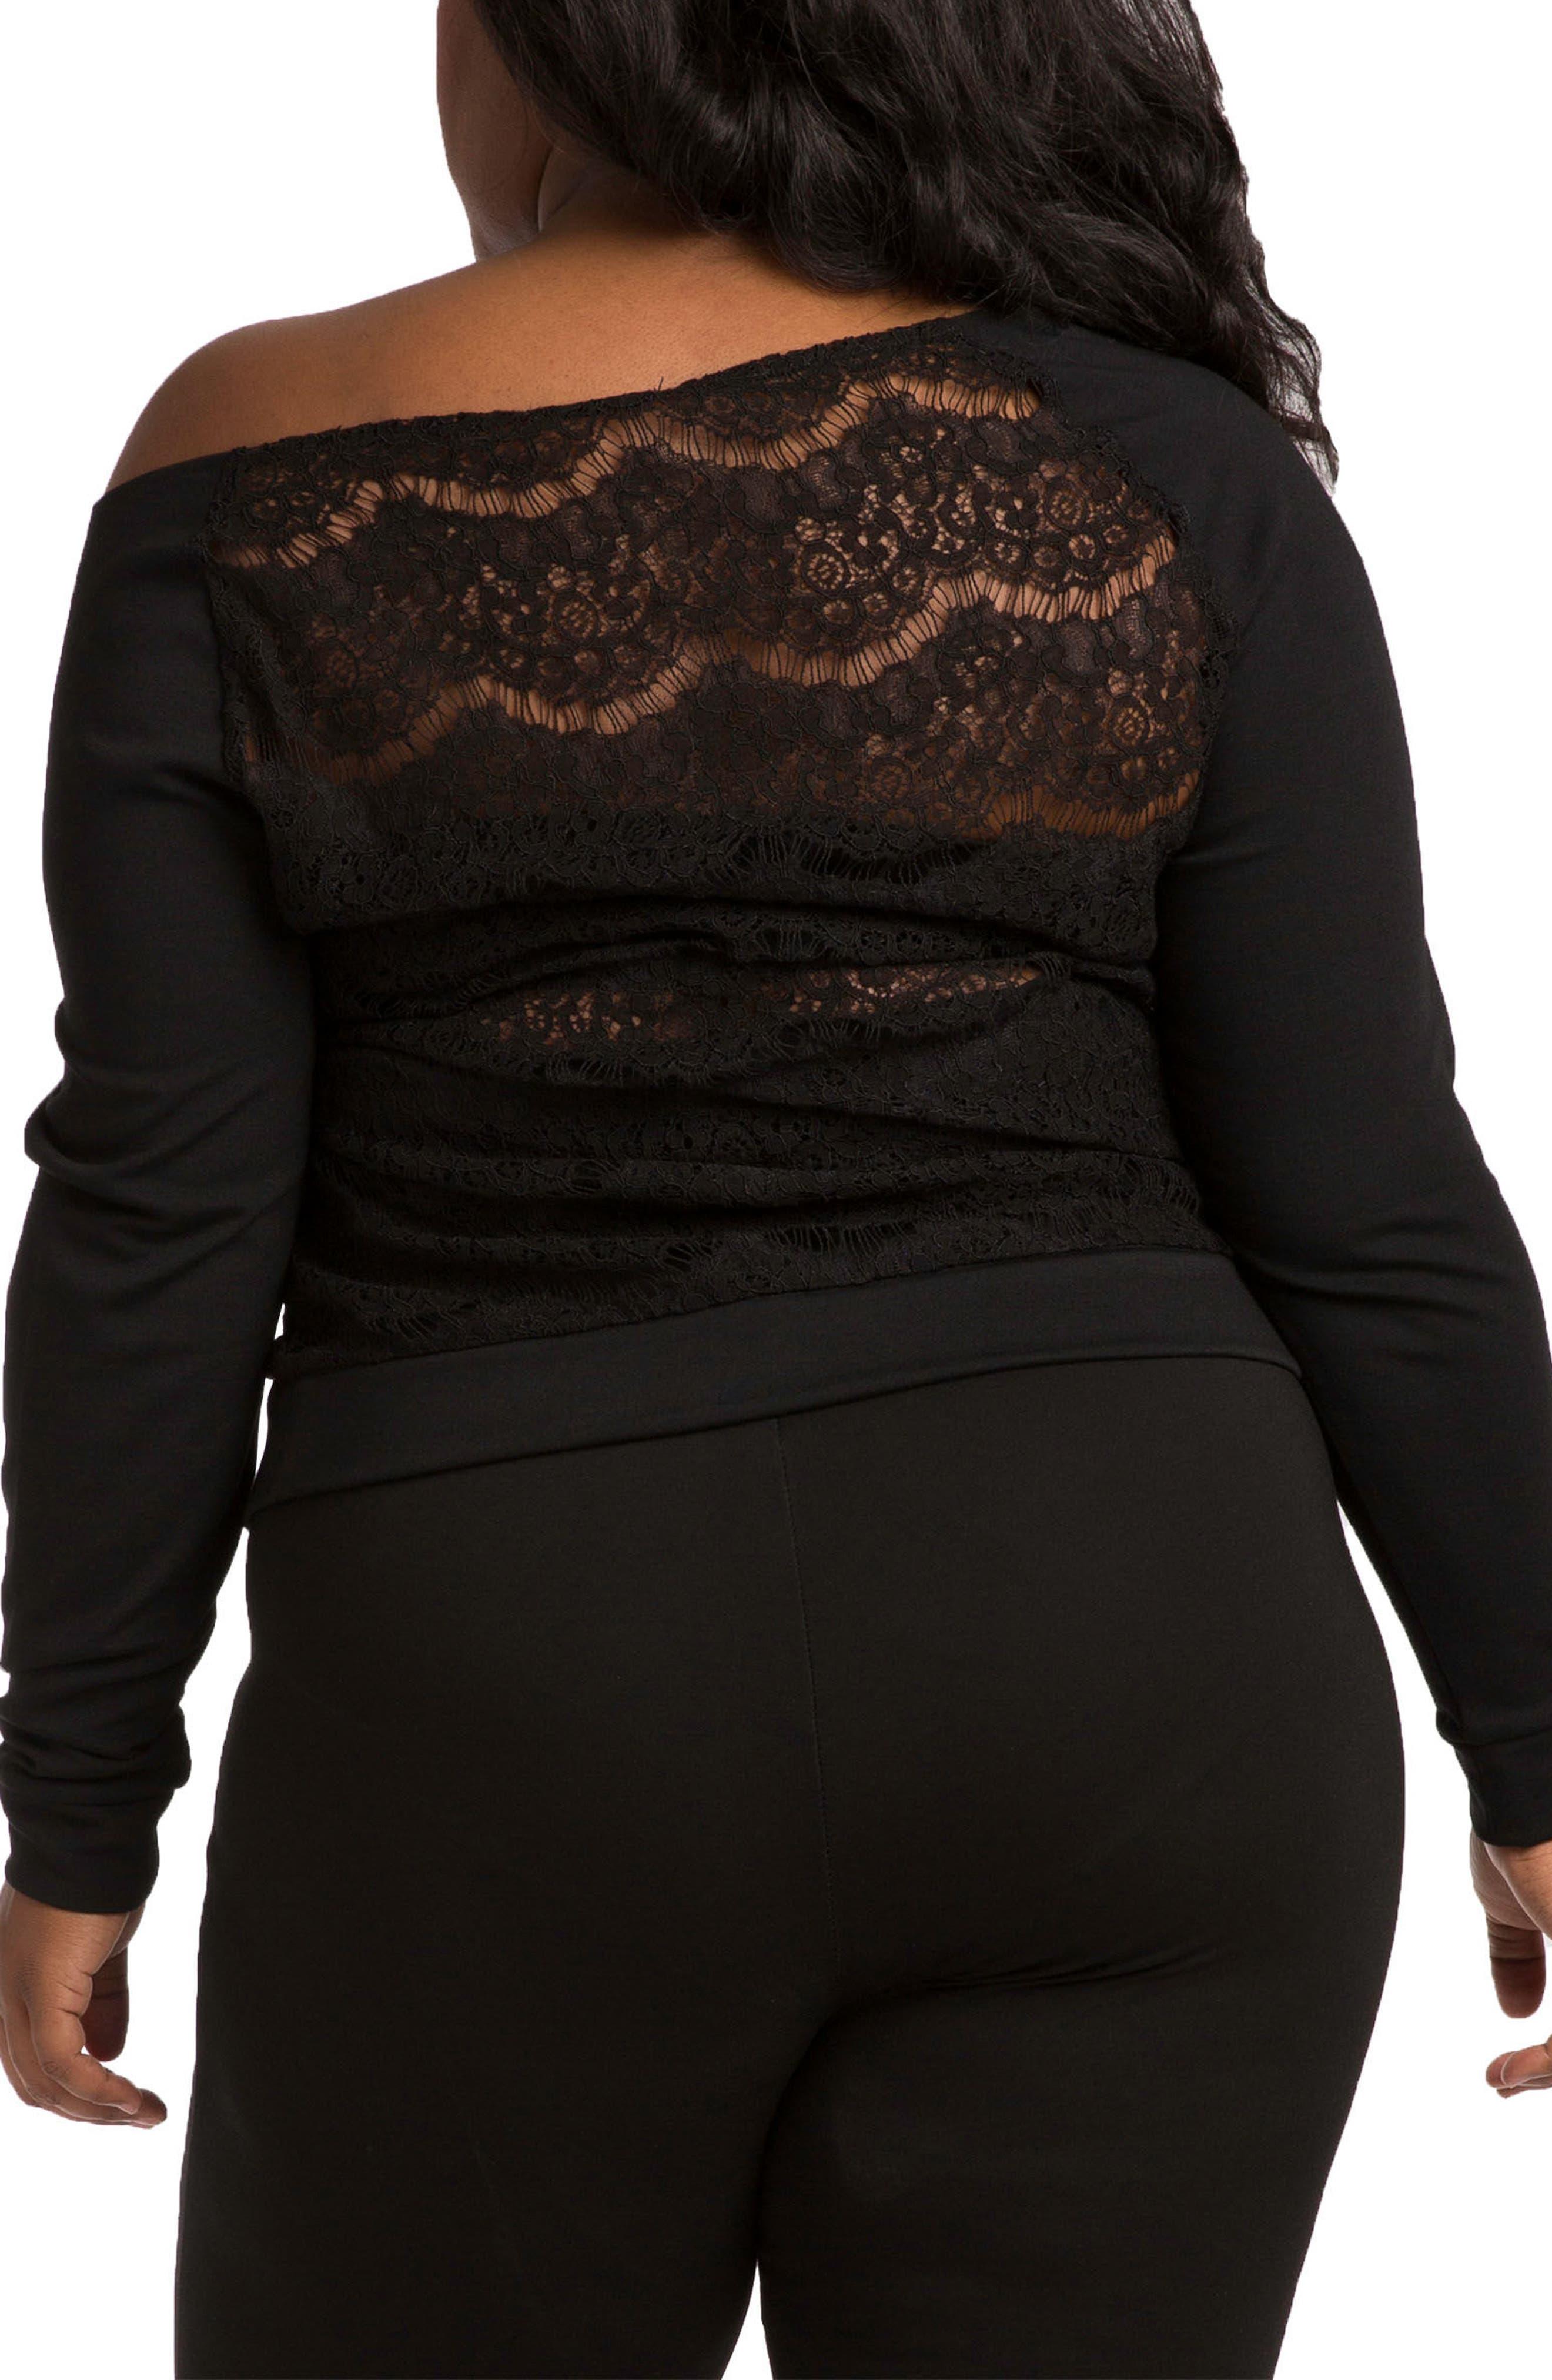 Lace & Ponte Knit Top,                             Alternate thumbnail 2, color,                             BLACK